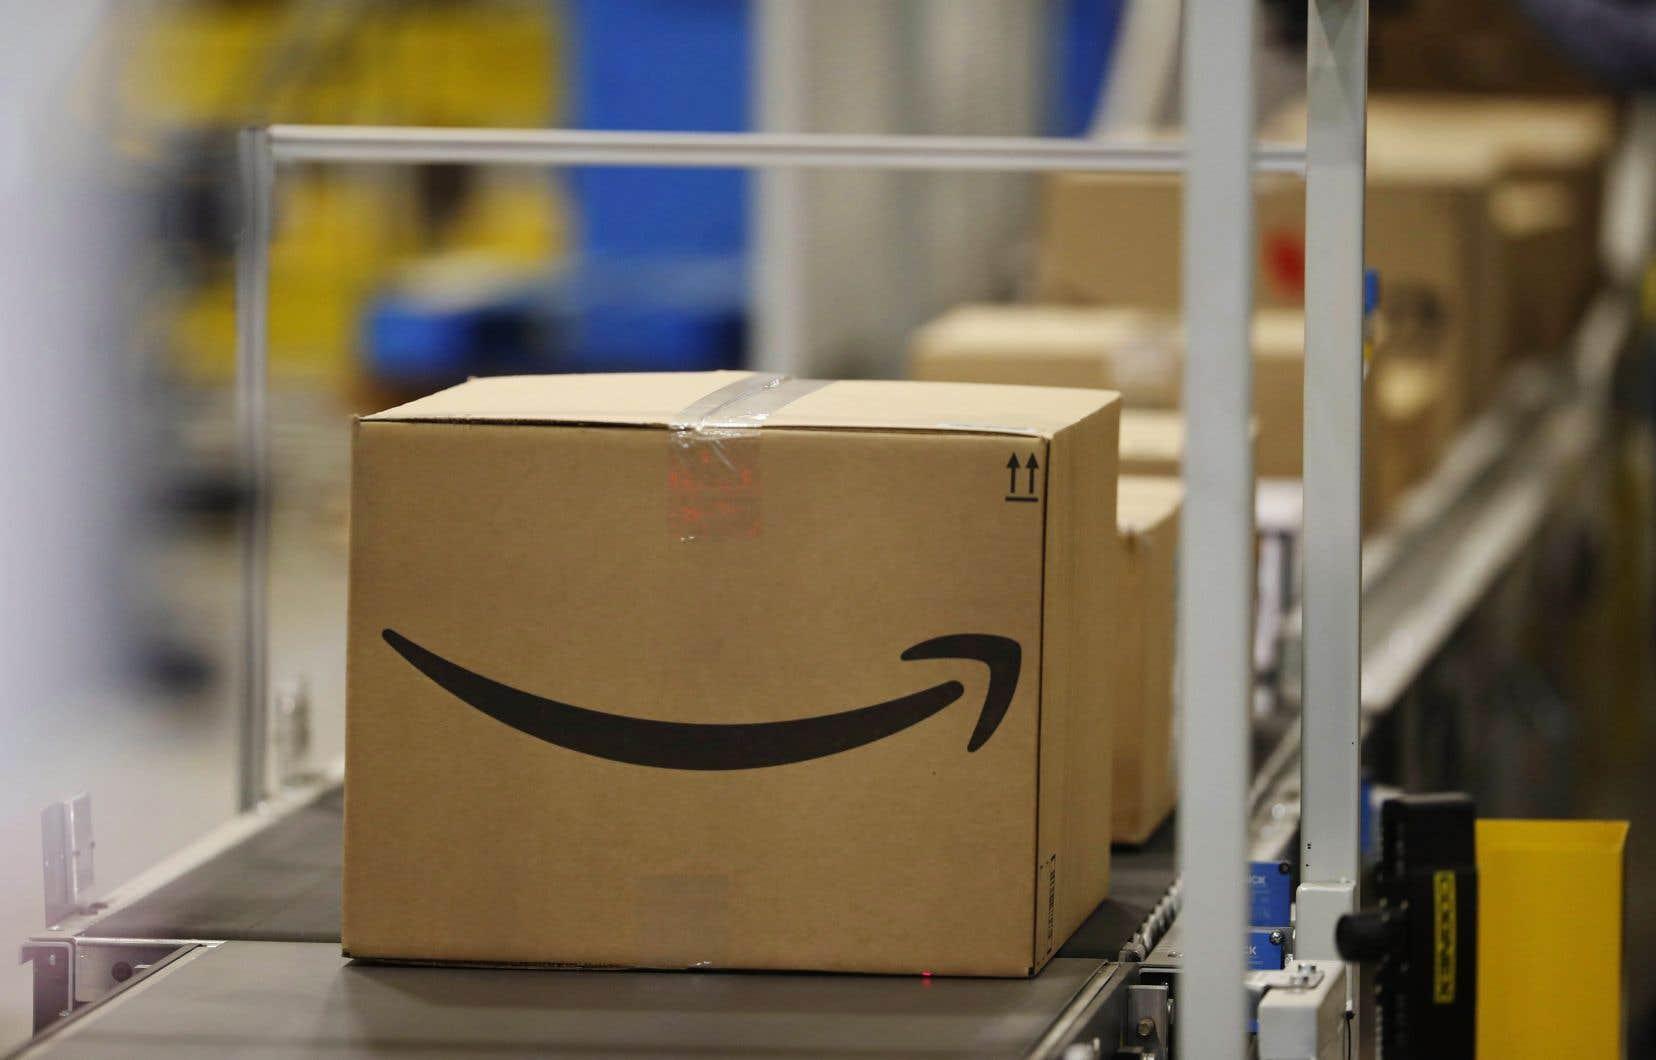 Le Bureau veut notamment vérifier si les politiques d'Amazon pourraient avoir une influence sur la volonté des commerçants de vendre leurs produits à un prix plus bas sur d'autres plateformes.